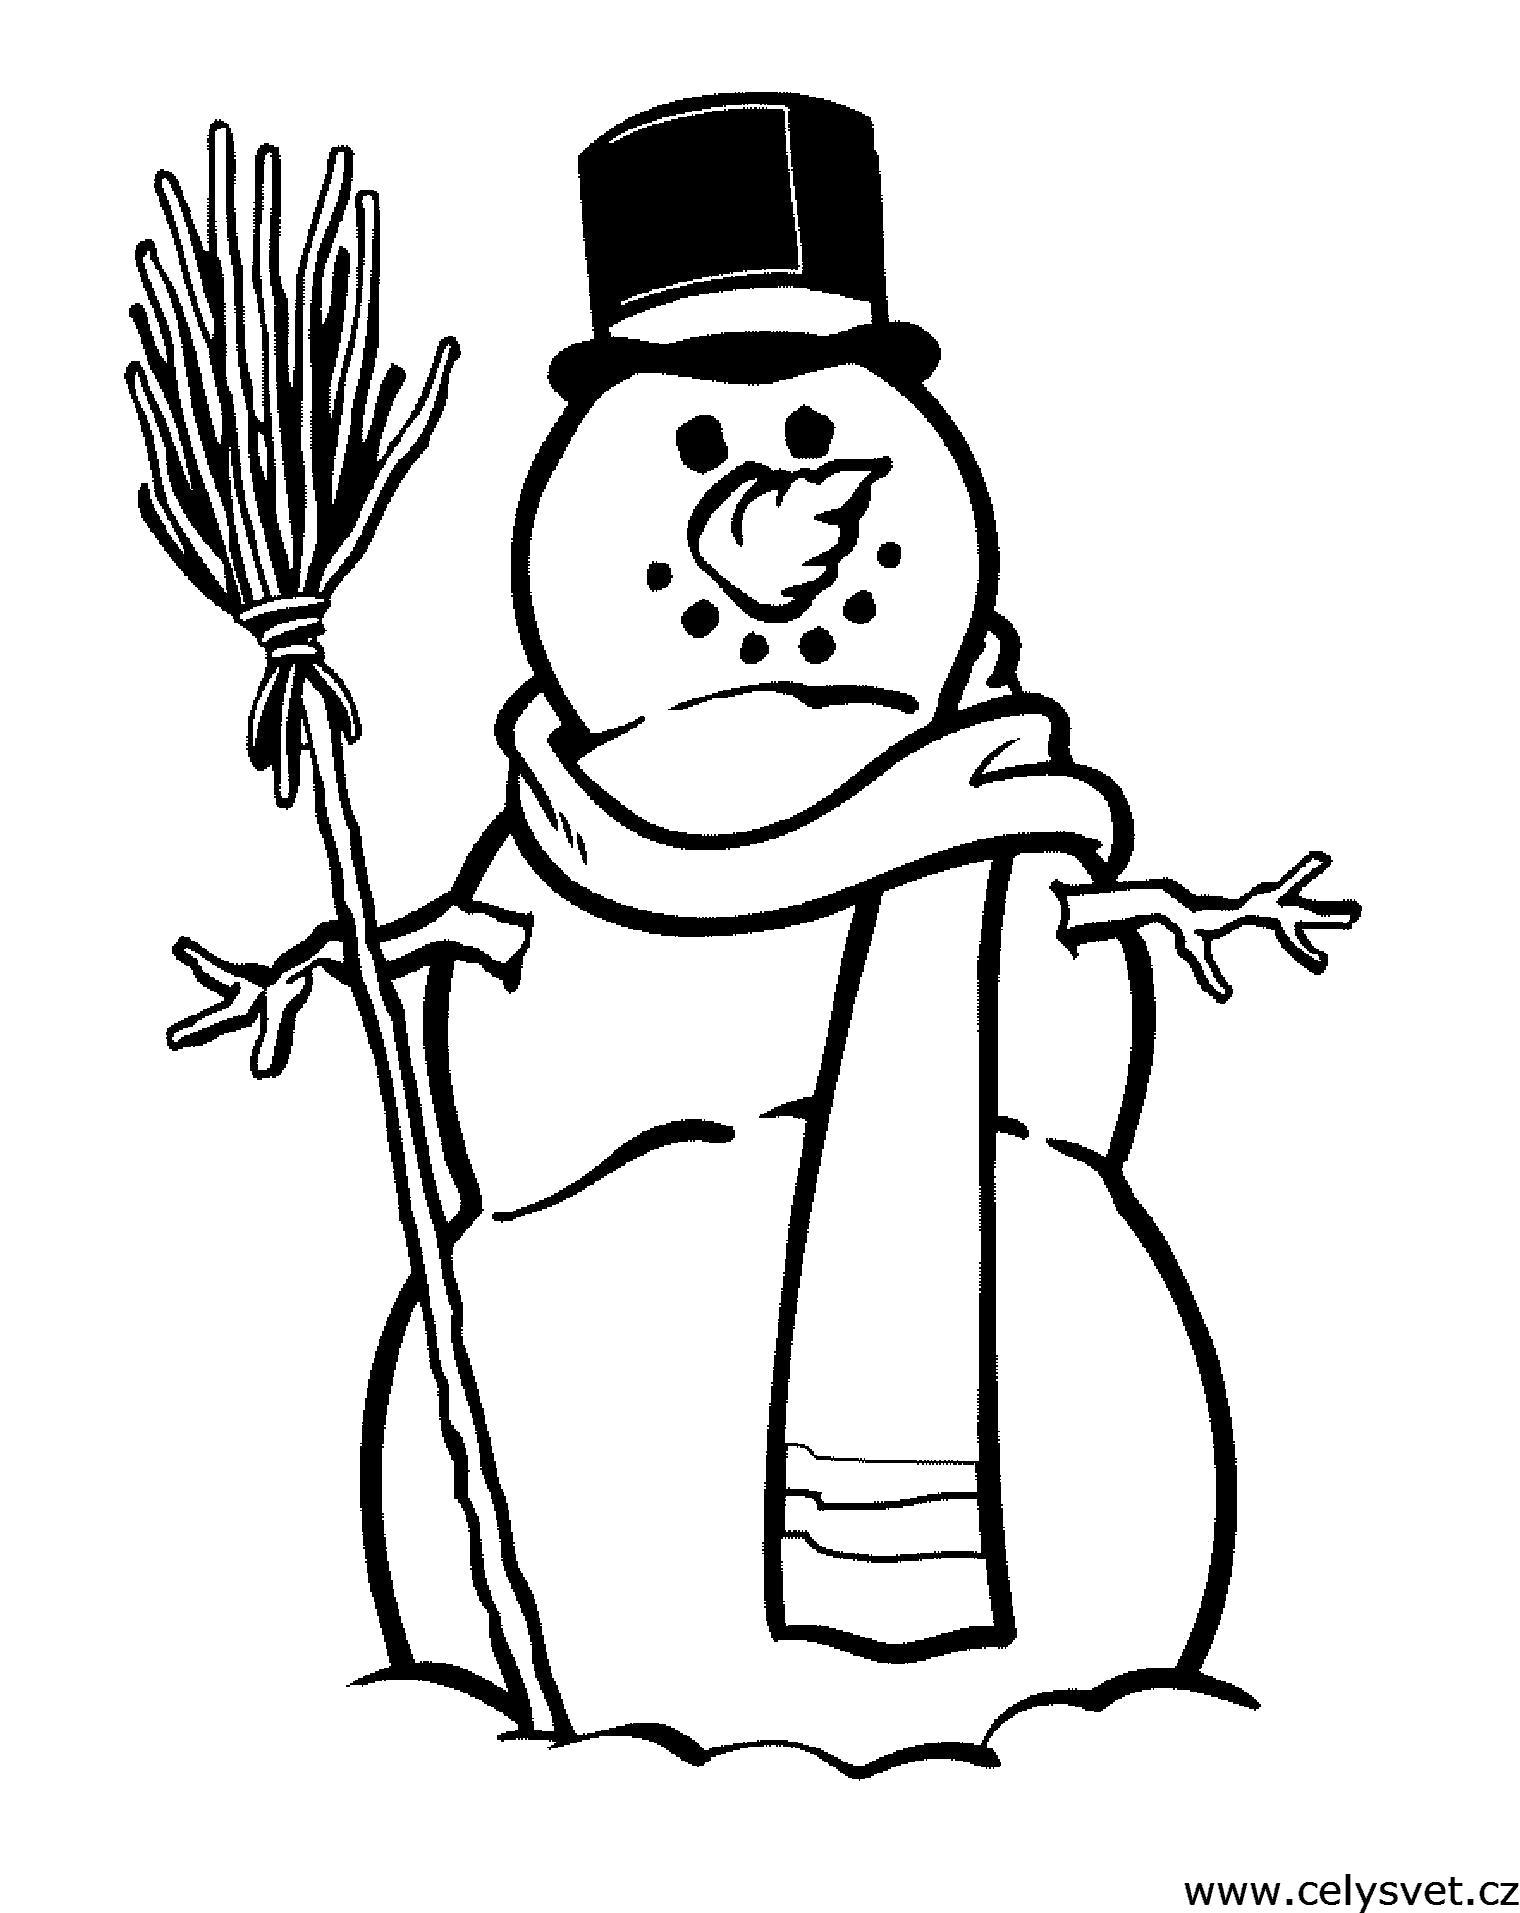 Раскраска Распечатать бесплатные  для детей: Праздники: Зима. Скачать .  Распечатать